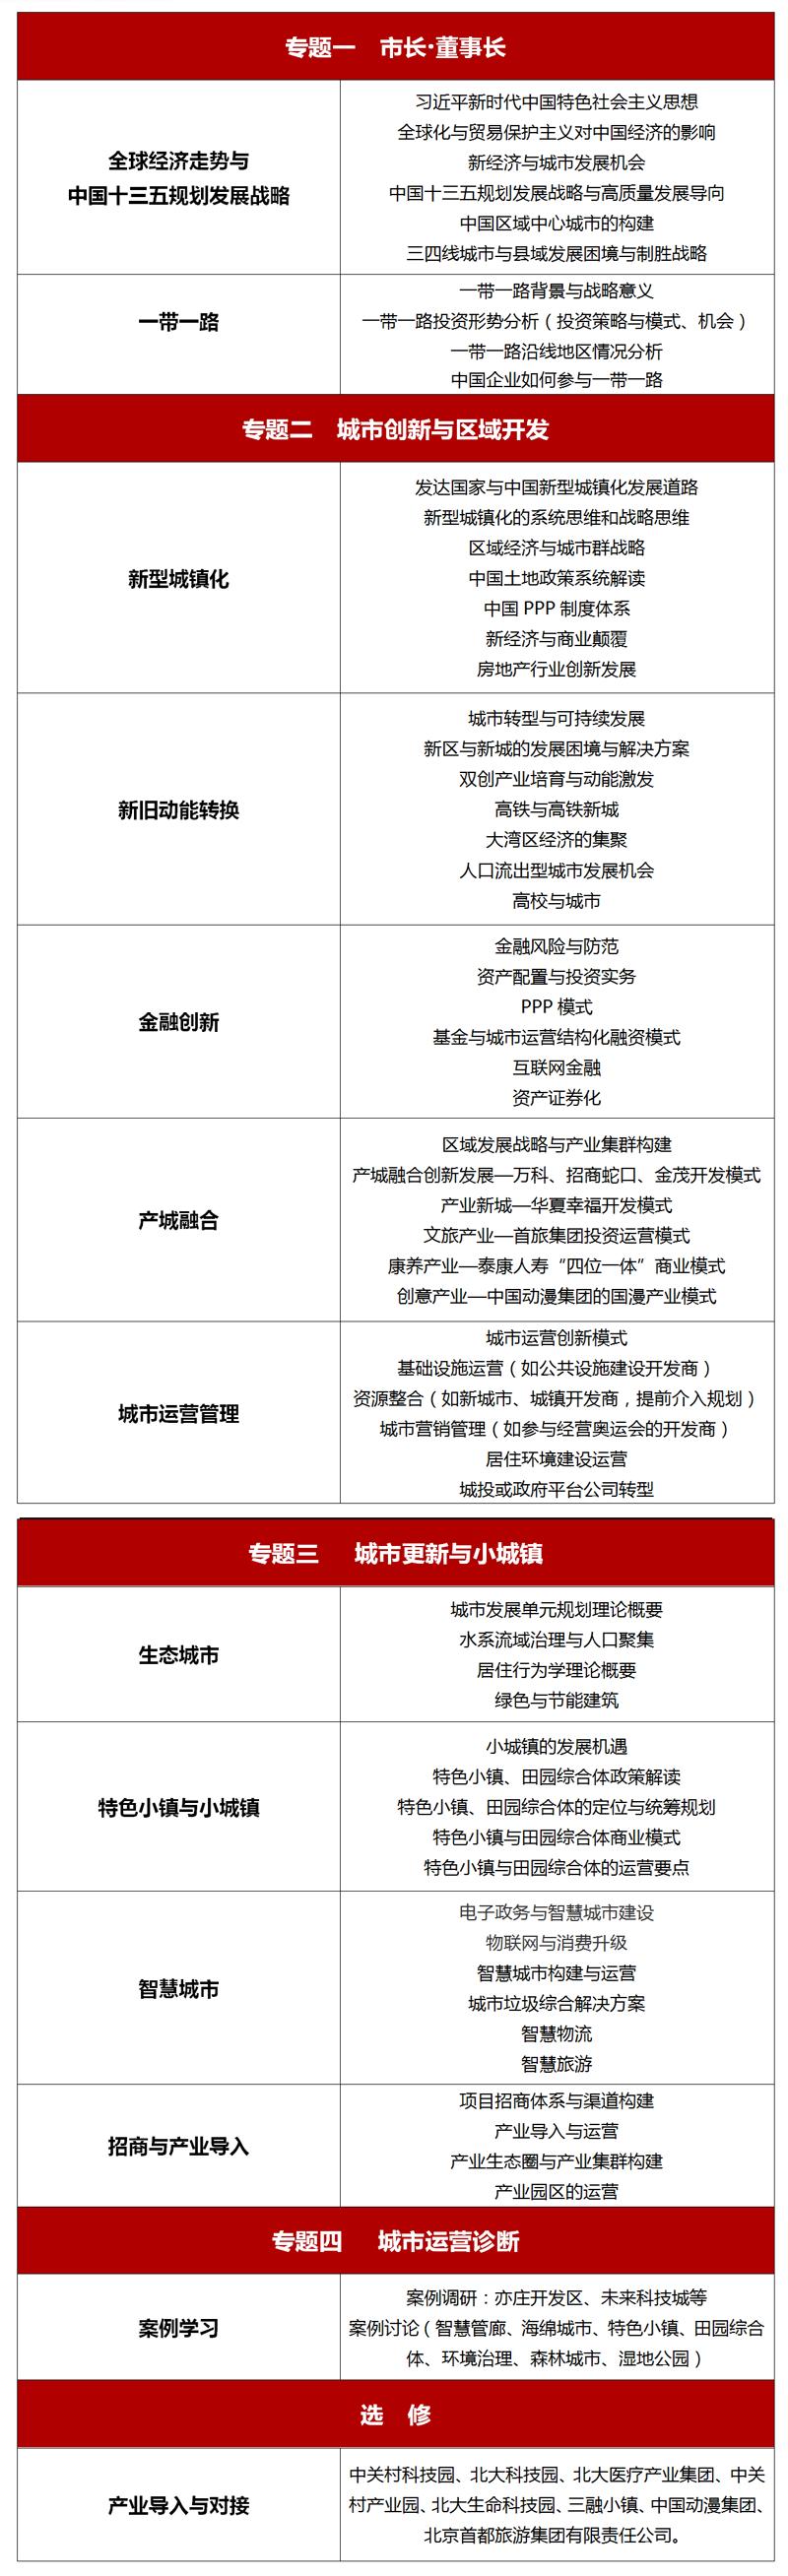 北京大学区域开发与城市运营高级研修班简章1108.